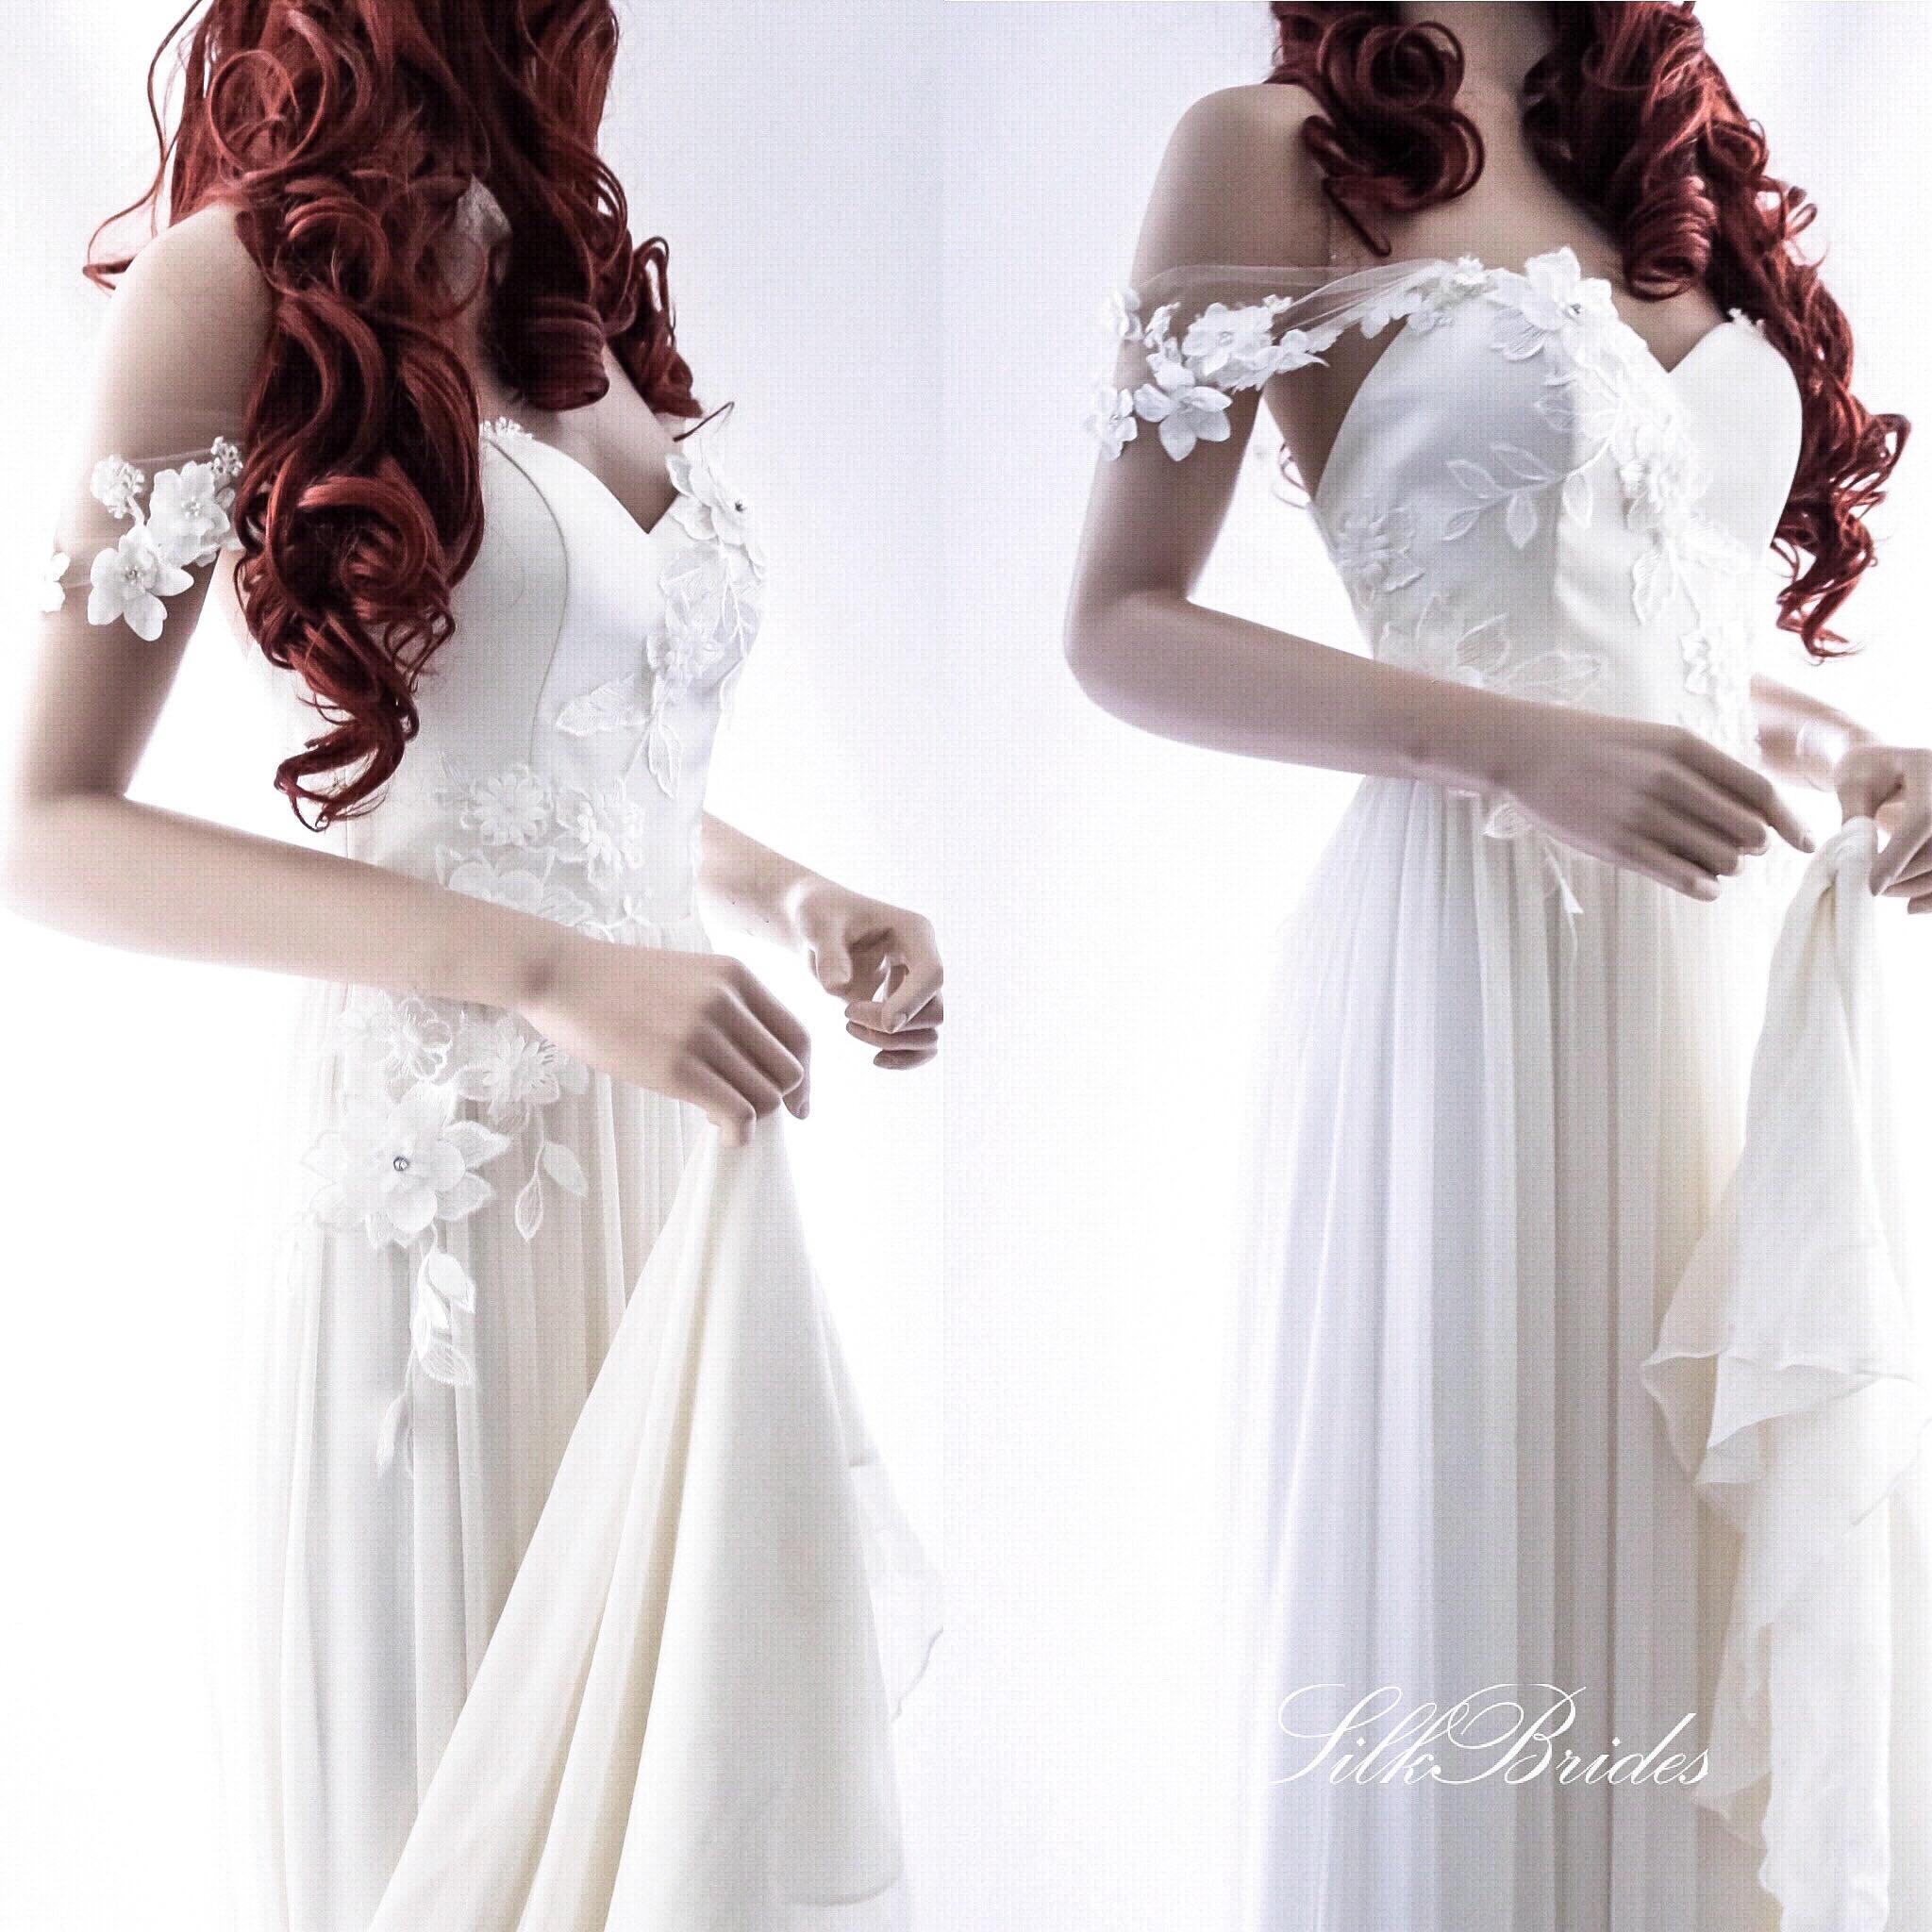 Böhmische Brautkleid / einzigartige Strandhochzeit Kleid /